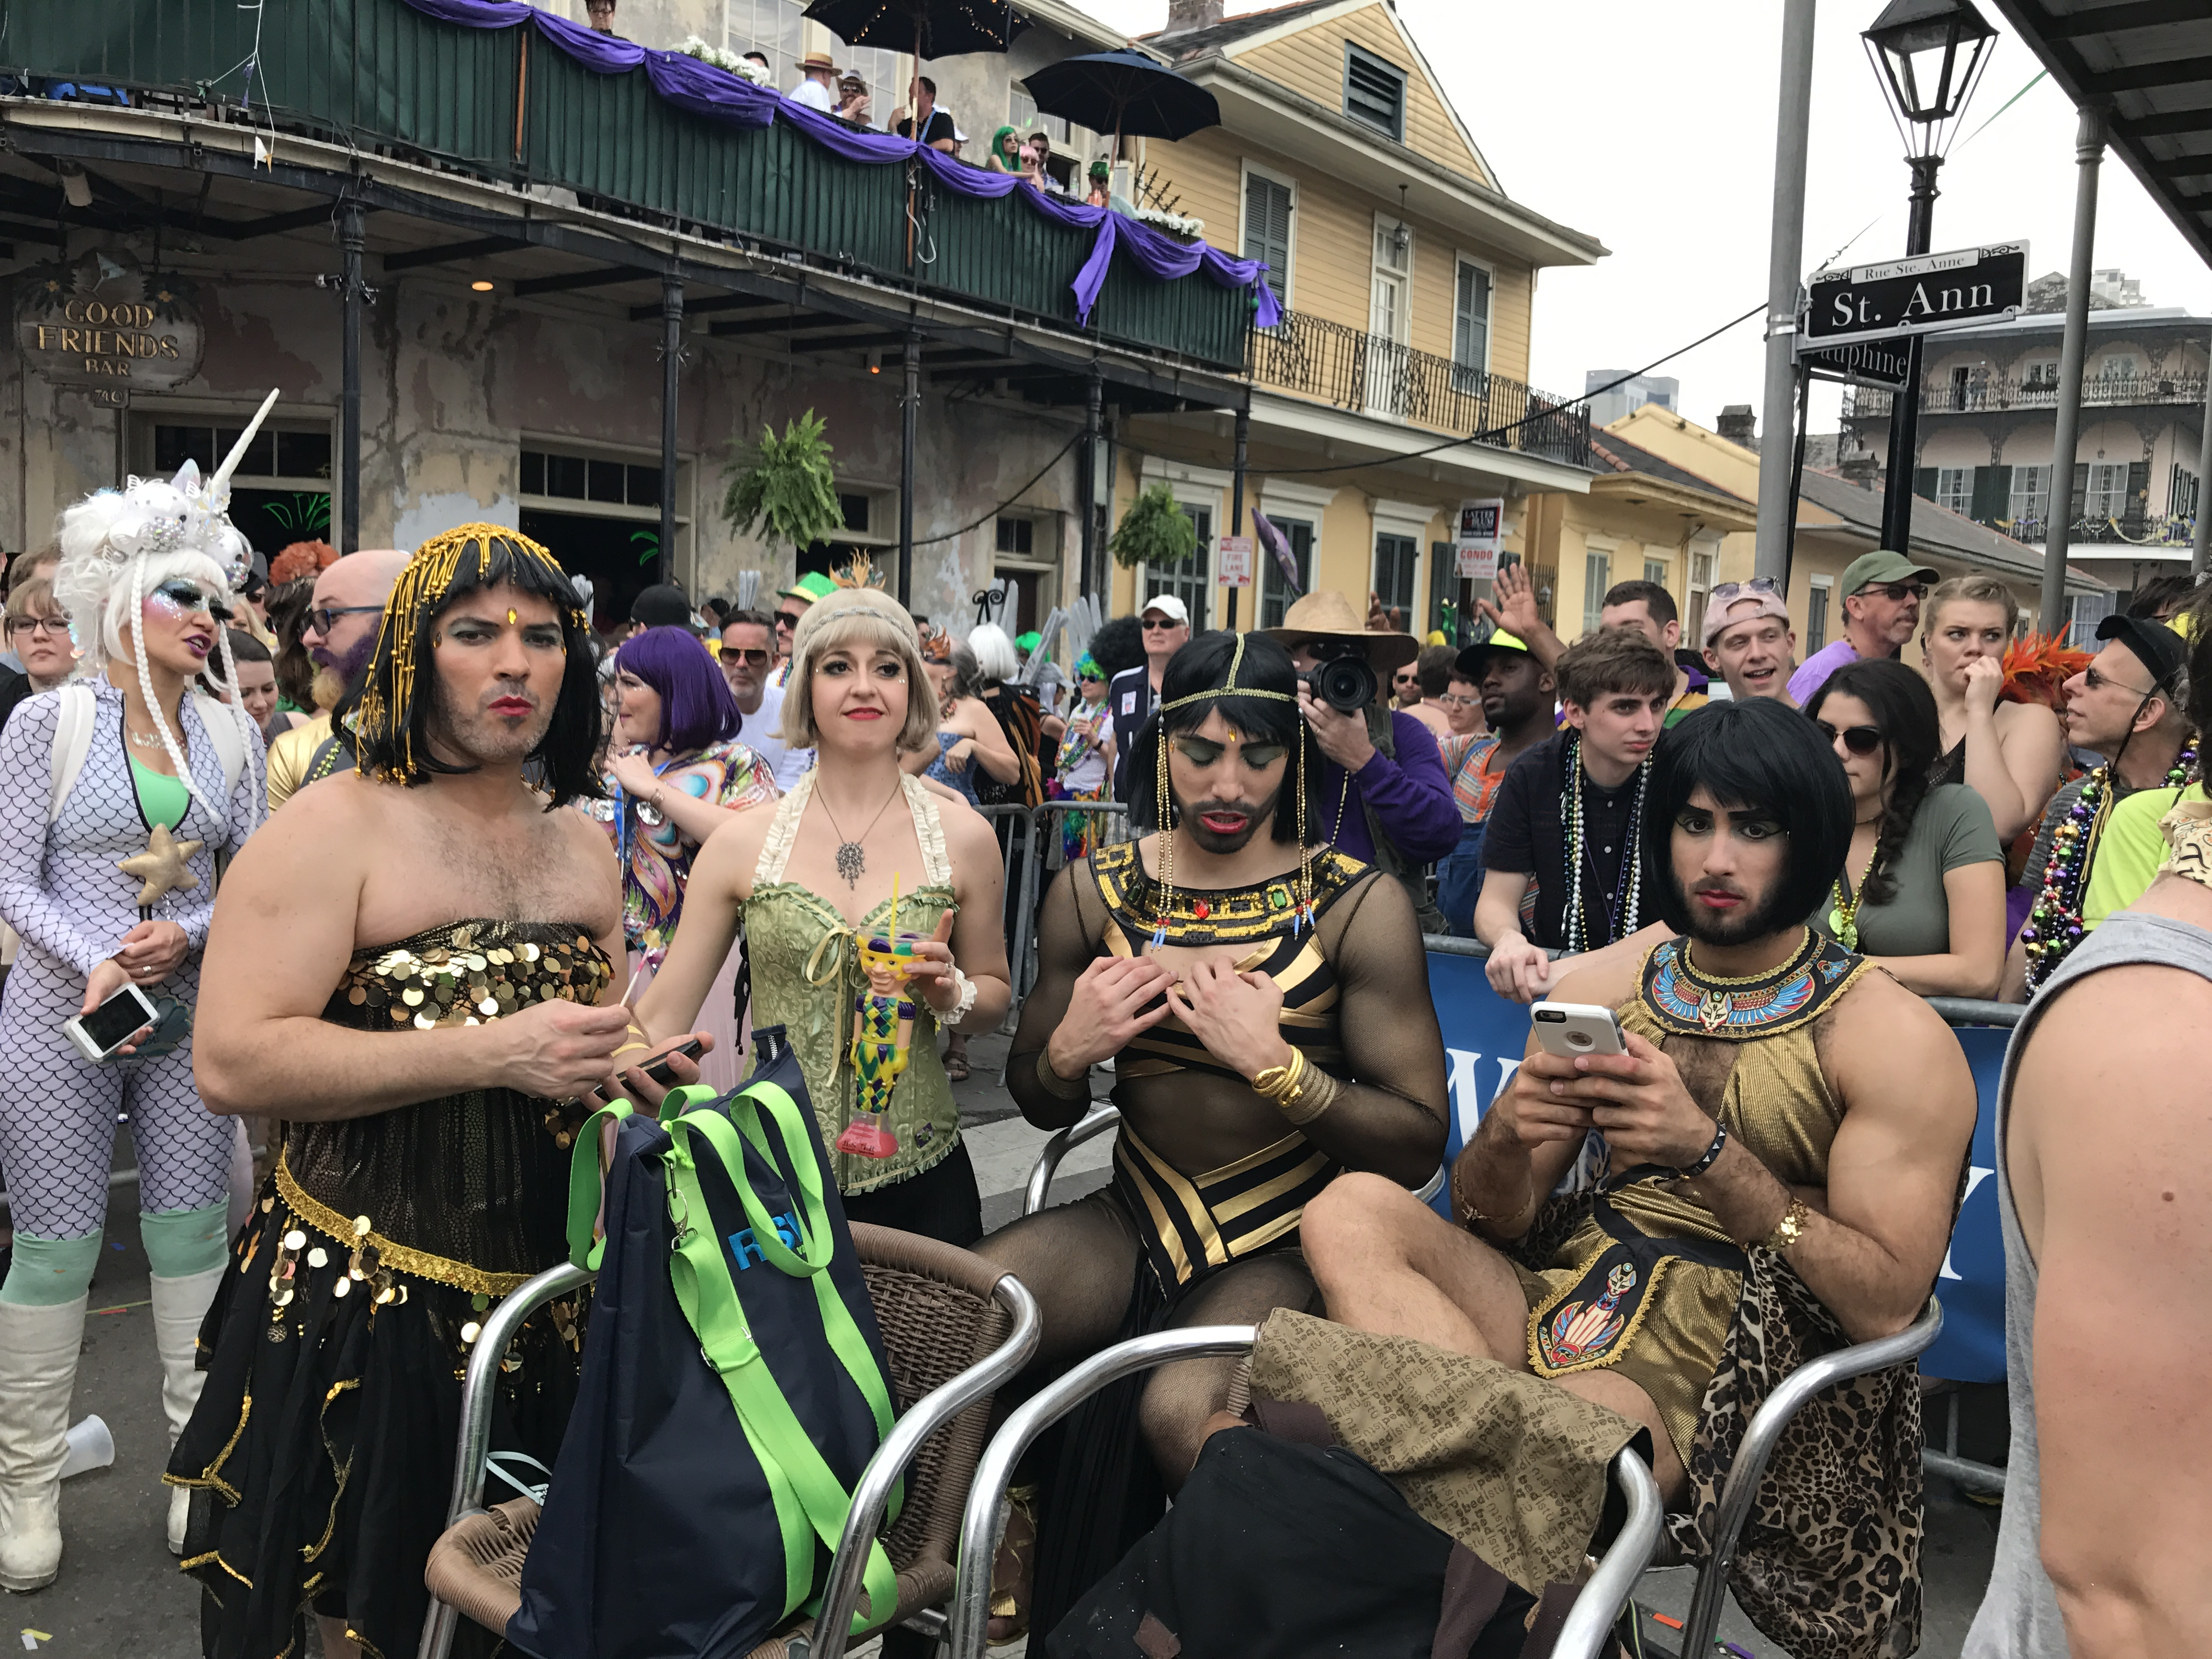 Gay mardi gras videos